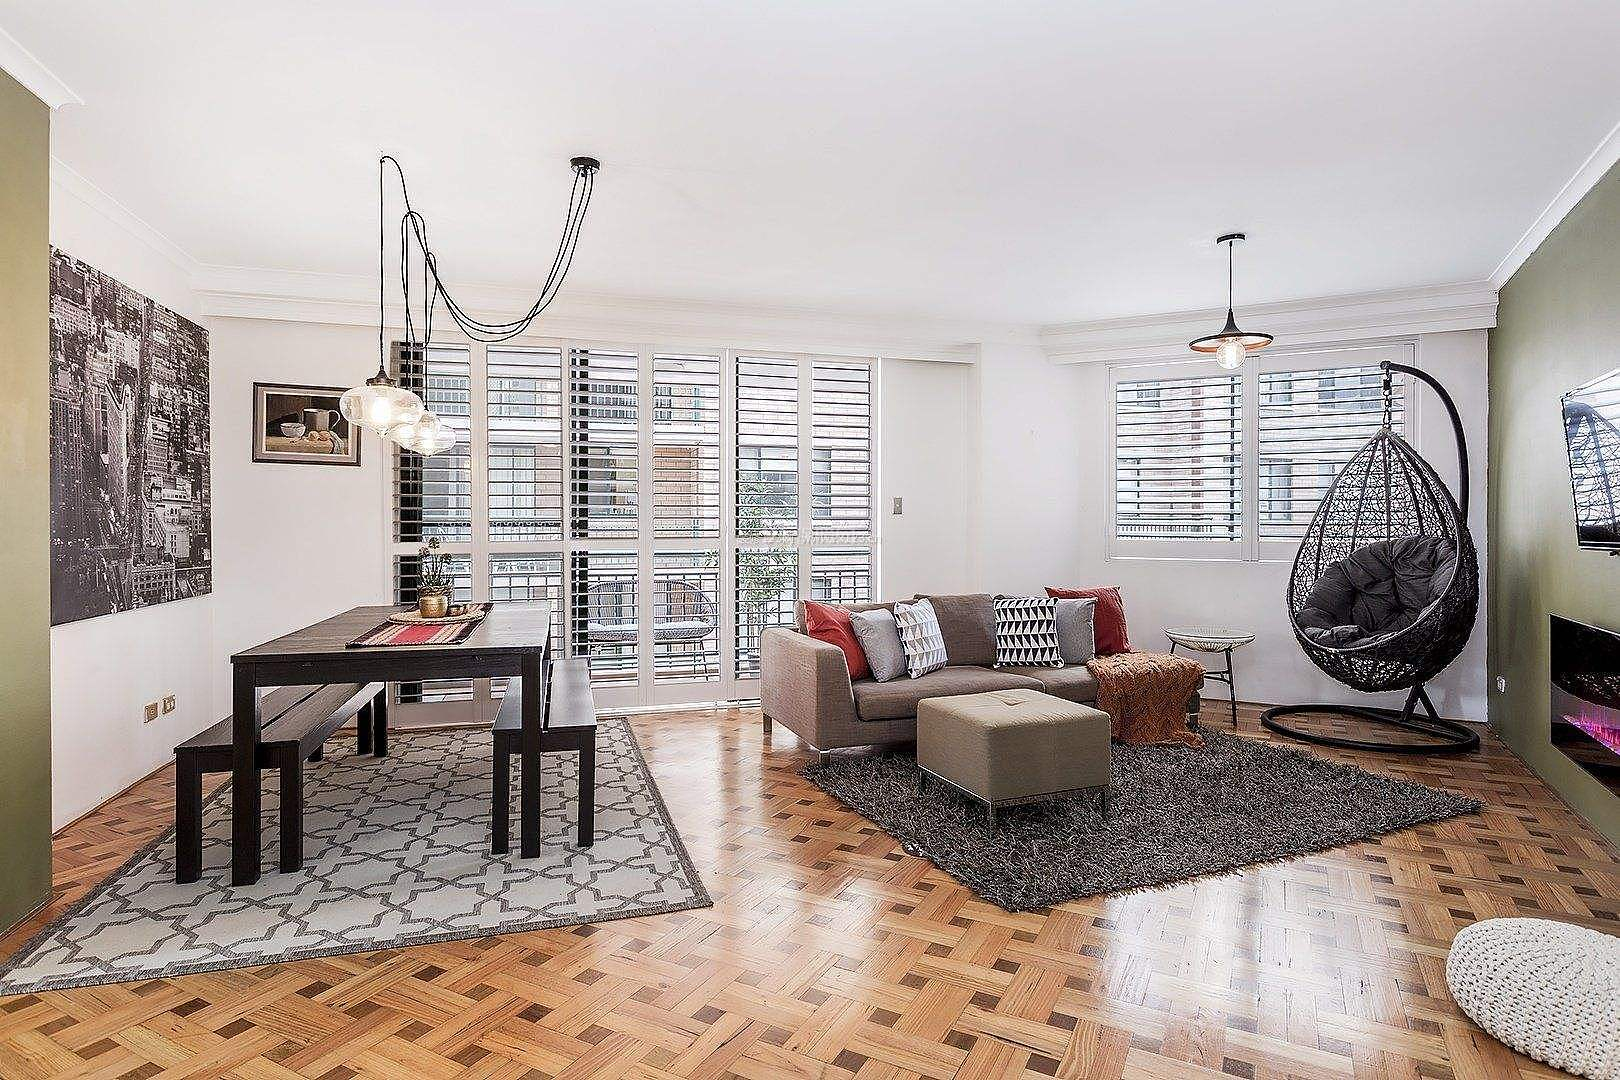 客厅地砖怎么选择 客厅常见地砖有哪些